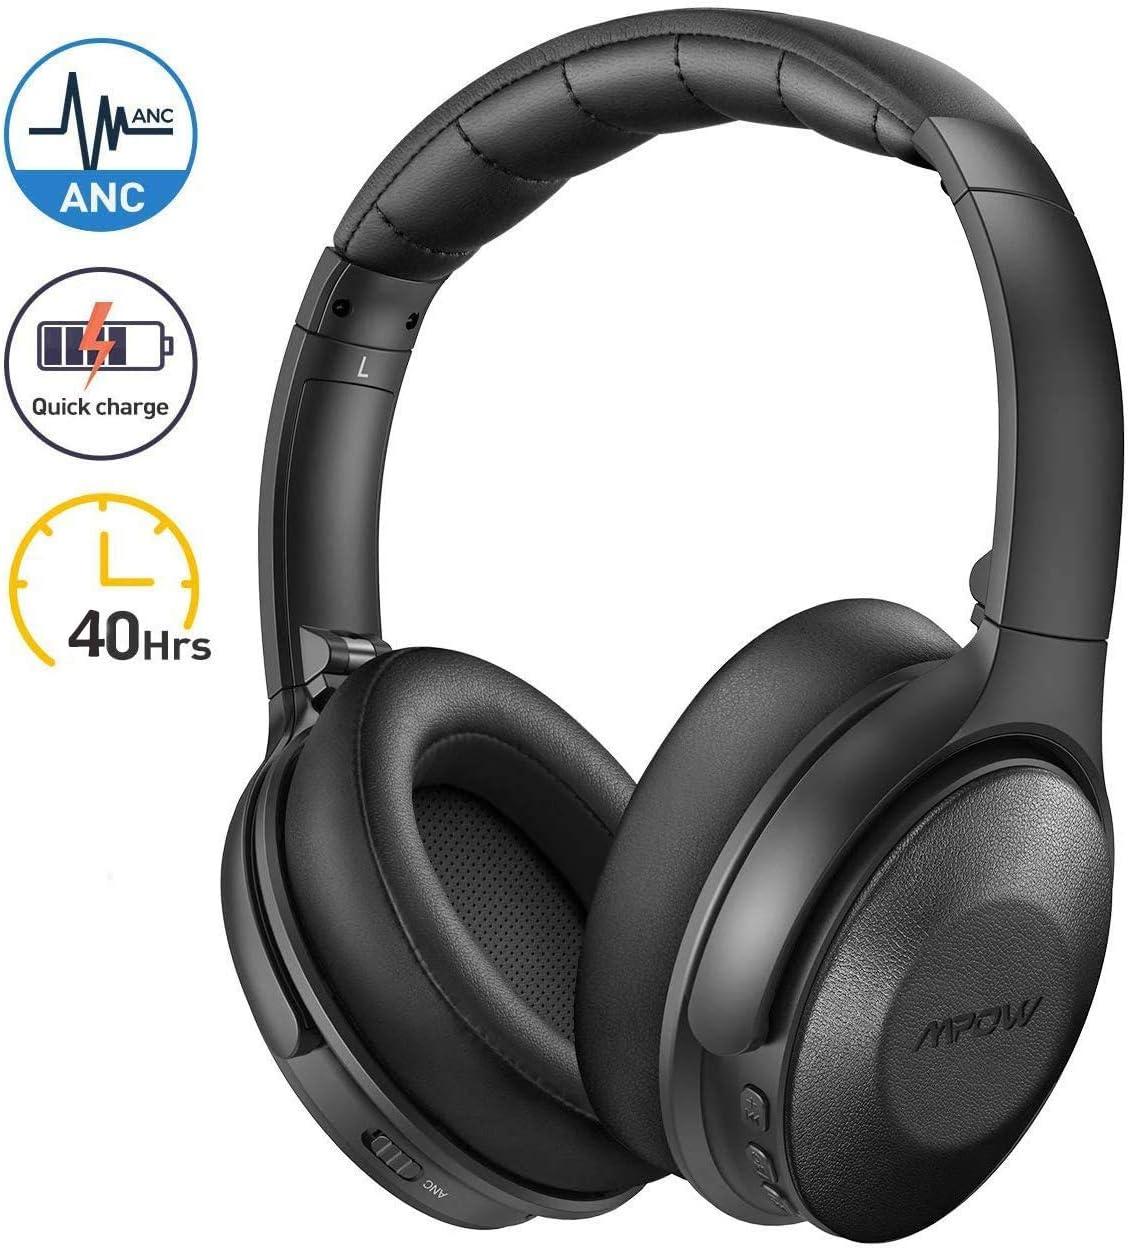 Mpow H17 Auriculares con Cancelación de Ruido, Auriculares Diadema Bluetooth con Micrófono CVC 6.0, Carga Rápida, 40 Hrs de Juego, Bajo Potente, Cascos con Cancelación de Ruido para TV/Móvil/PC